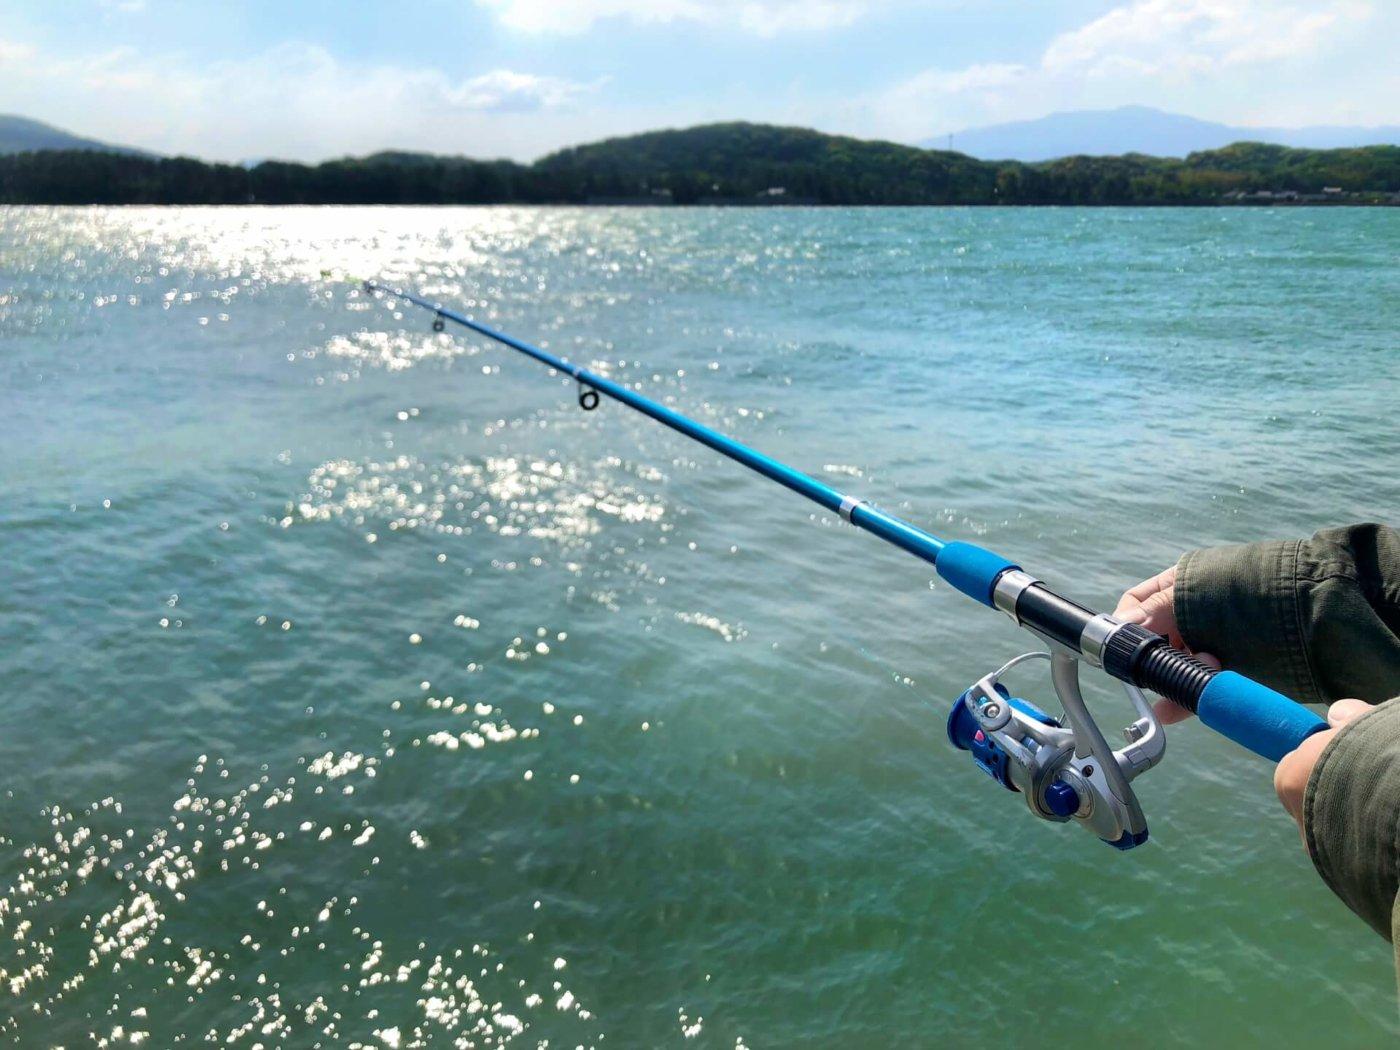 沢山魚が釣れる場所知りたい!沼津の釣りスポット3選